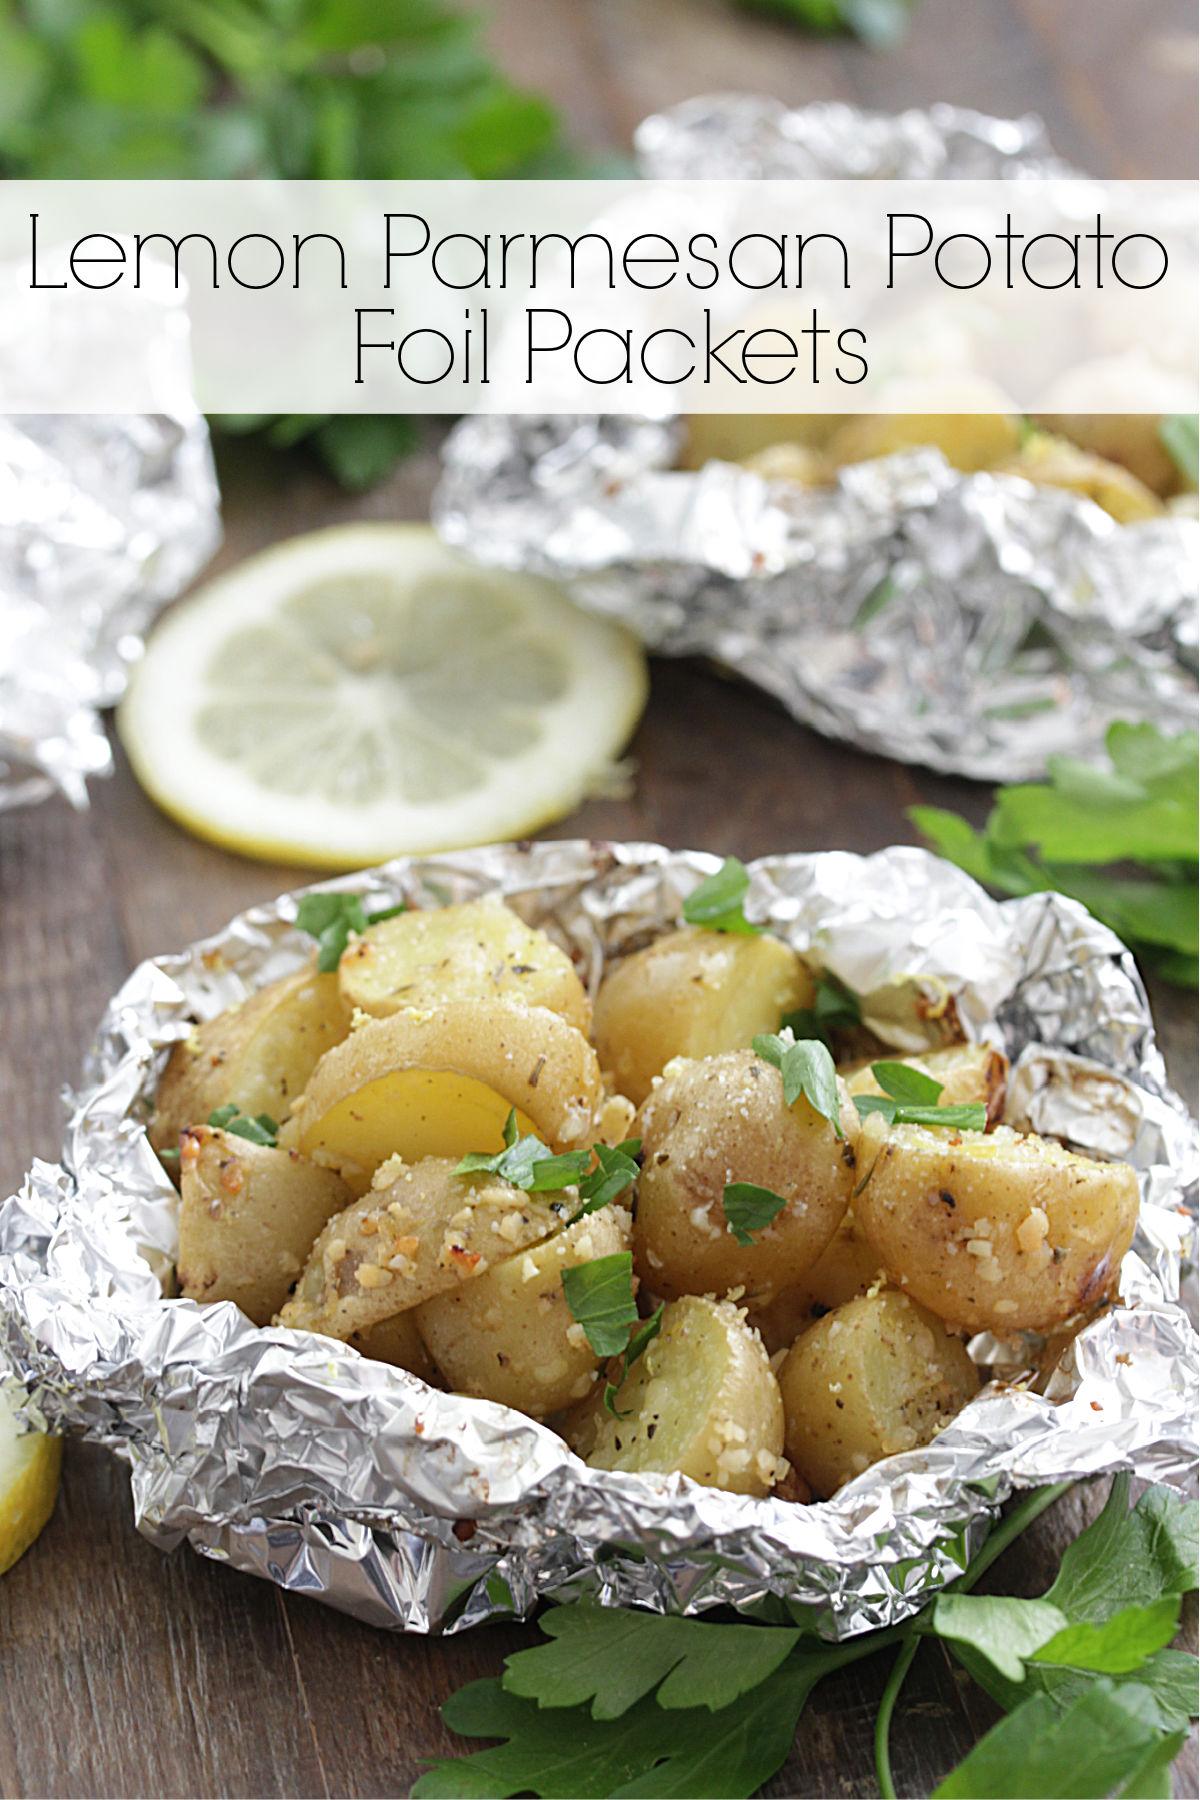 Lemon Parmesan Potato Foil Packets